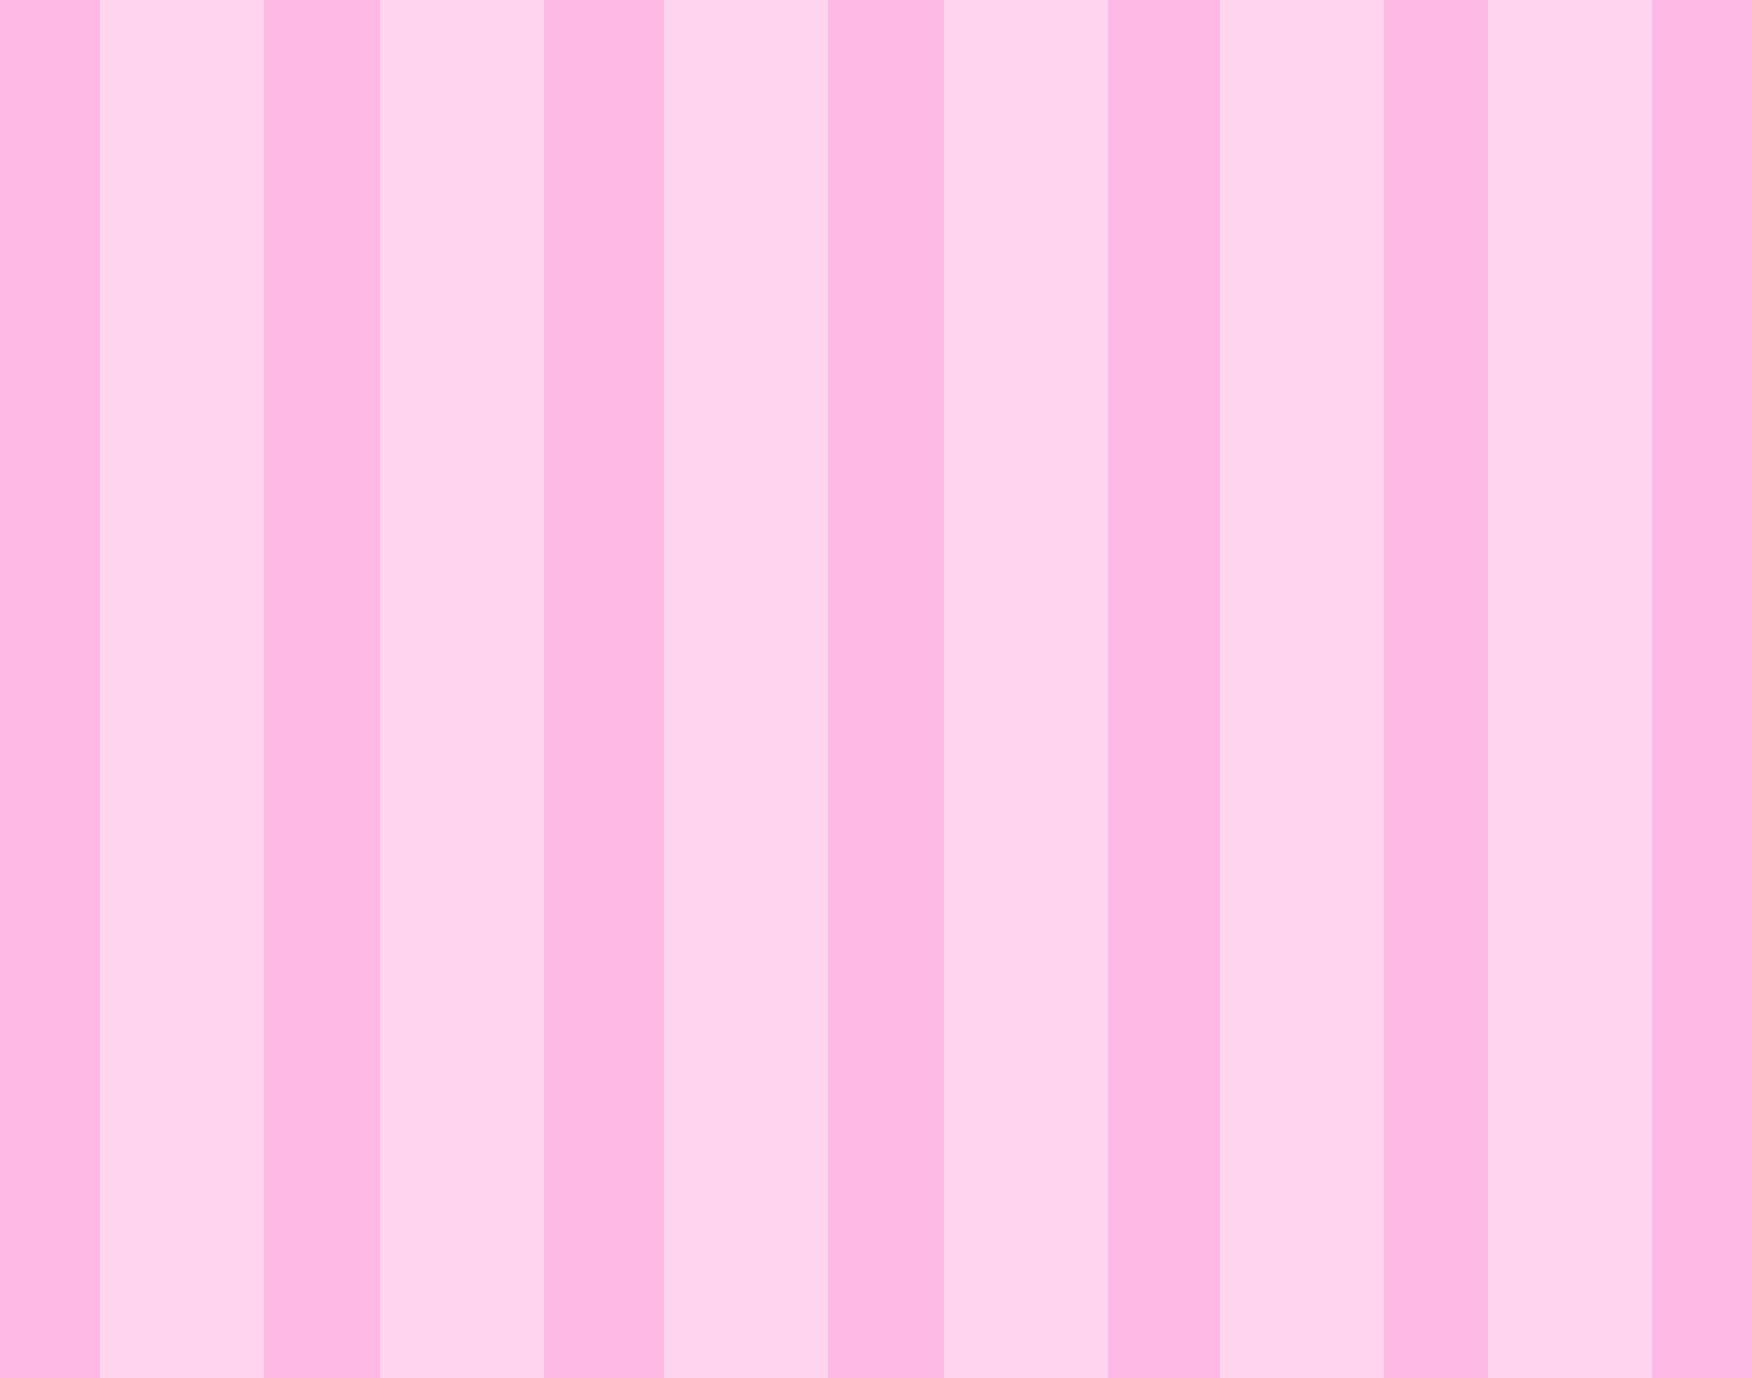 Unduh 42 Koleksi Wallpaper Tumblr Warna Pink Gratis Terbaru